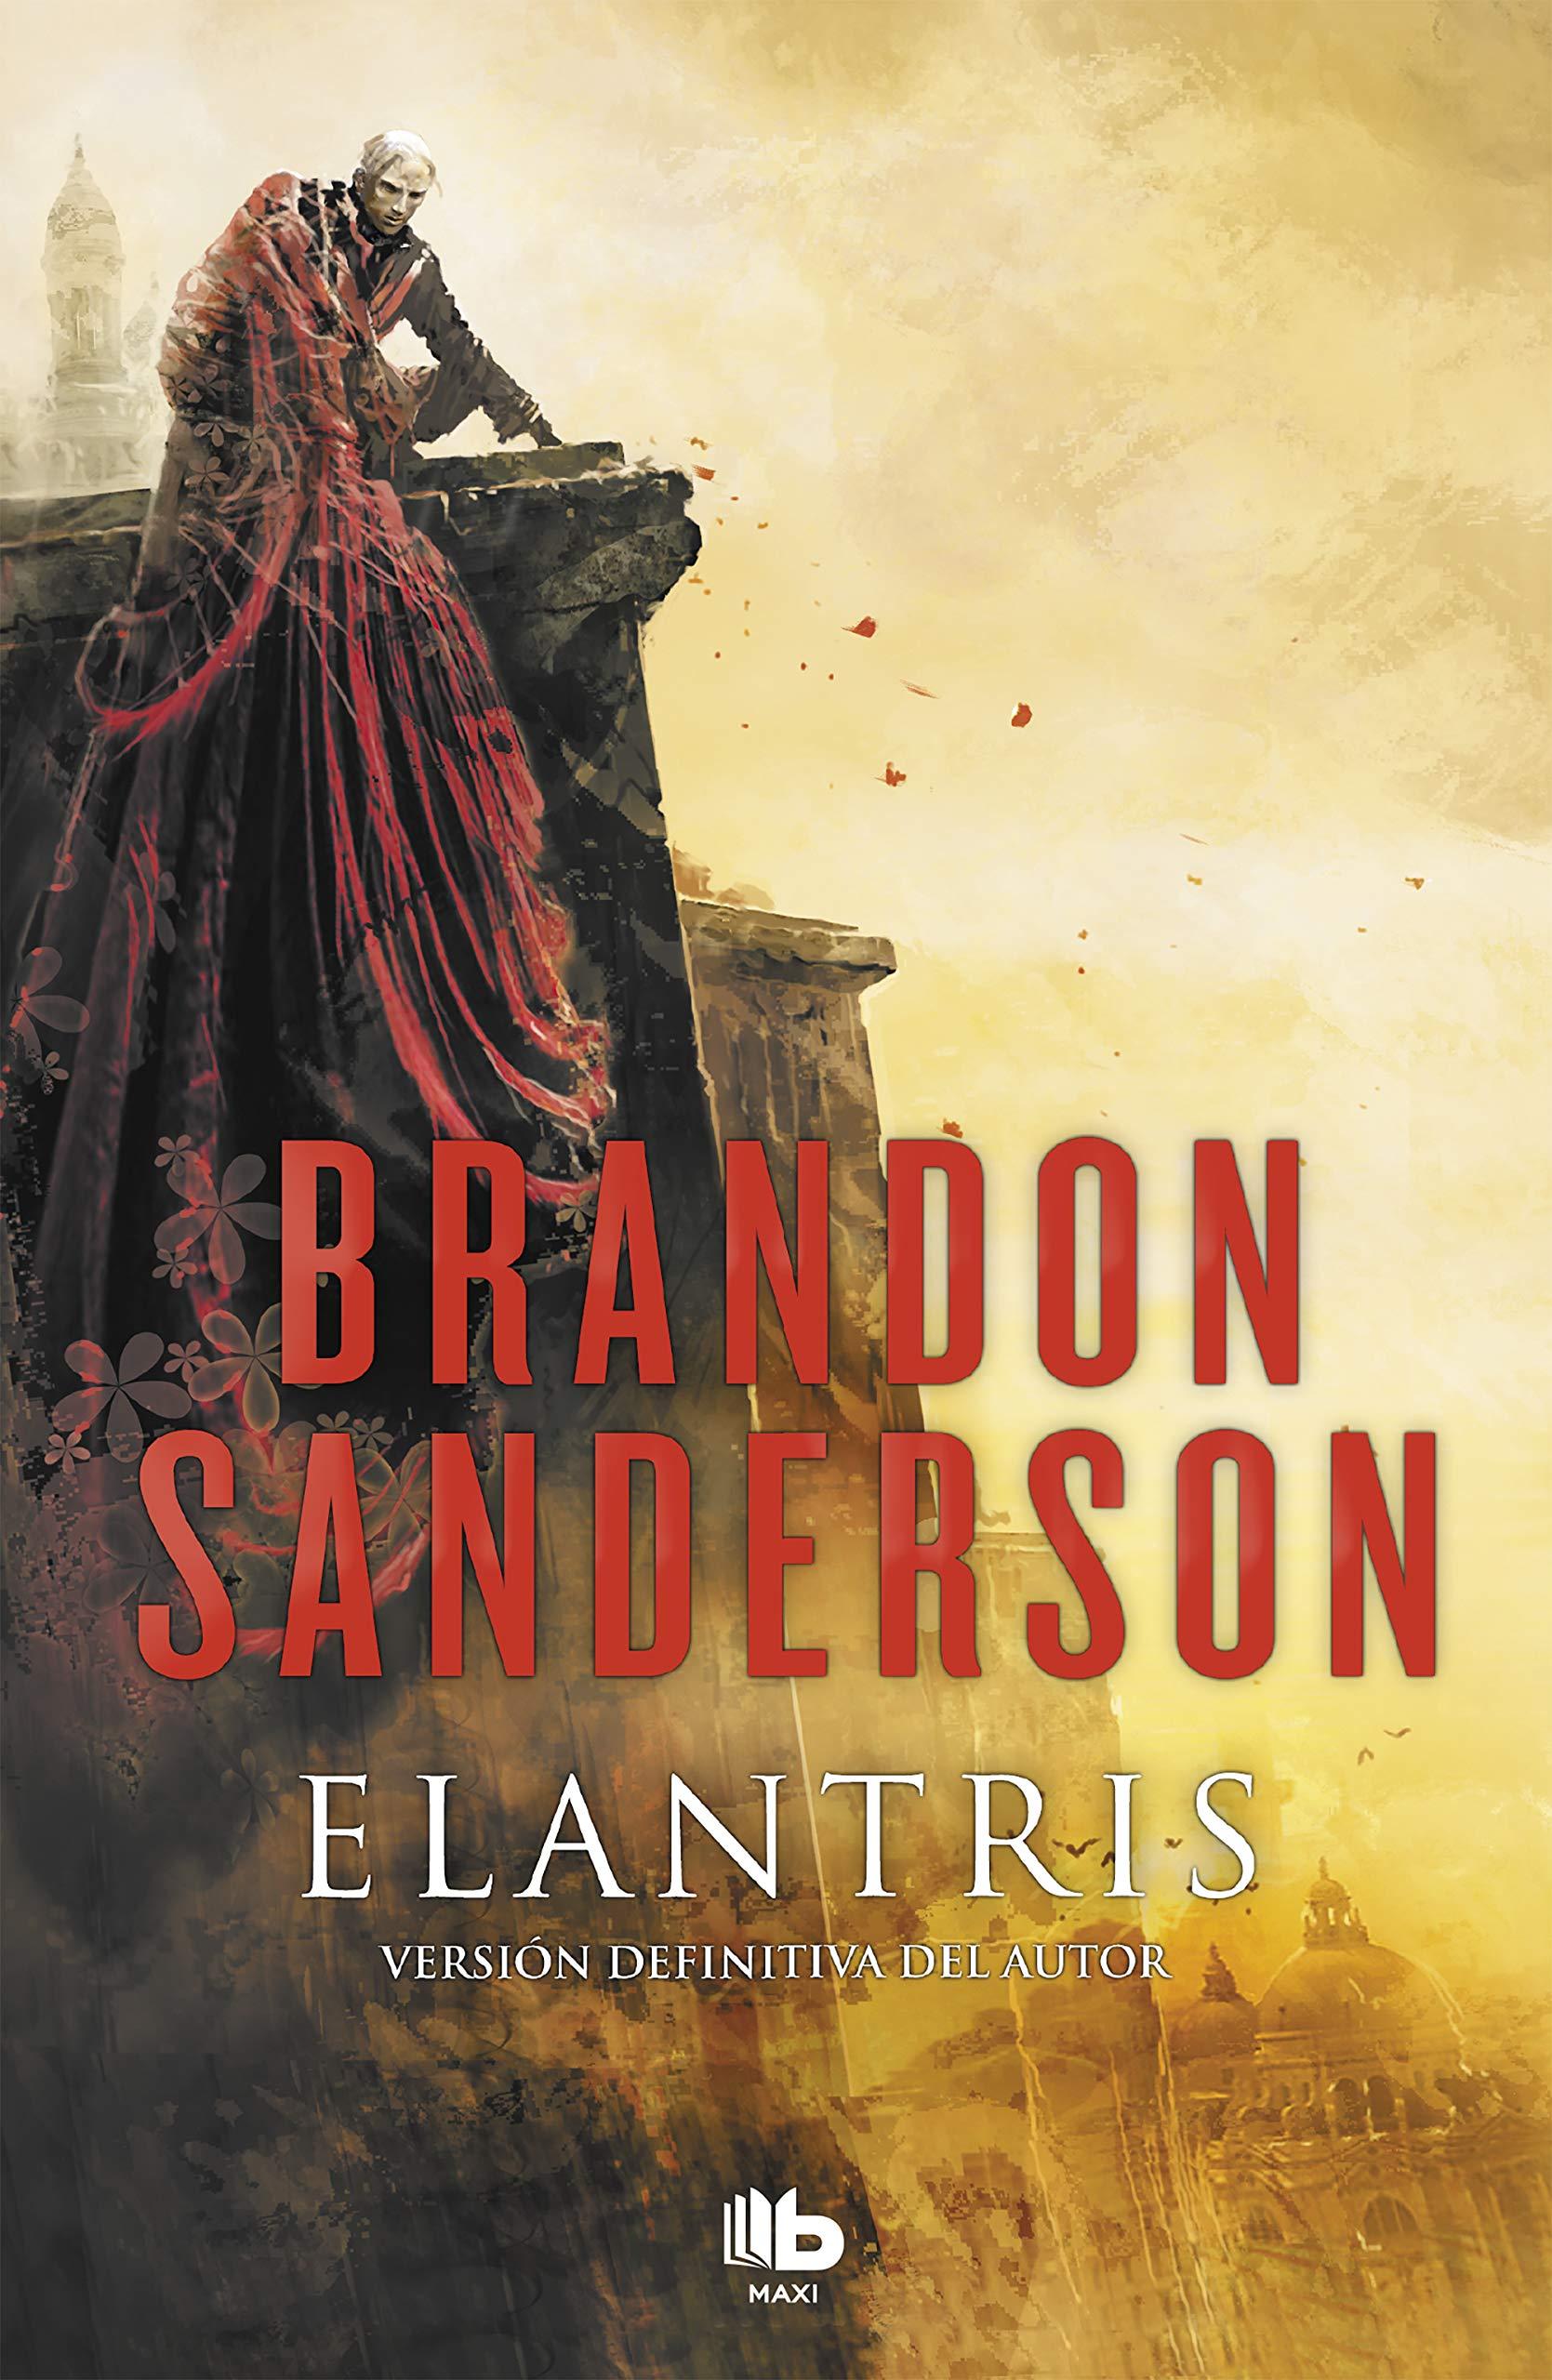 Elantris (edición décimo aniversario: versión definitiva del autor) (MAXI) Tapa blanda – 5 jul 2018 Brandon Sanderson B de Bolsillo (Ediciones B) 8490705836 FICTION / Dystopian